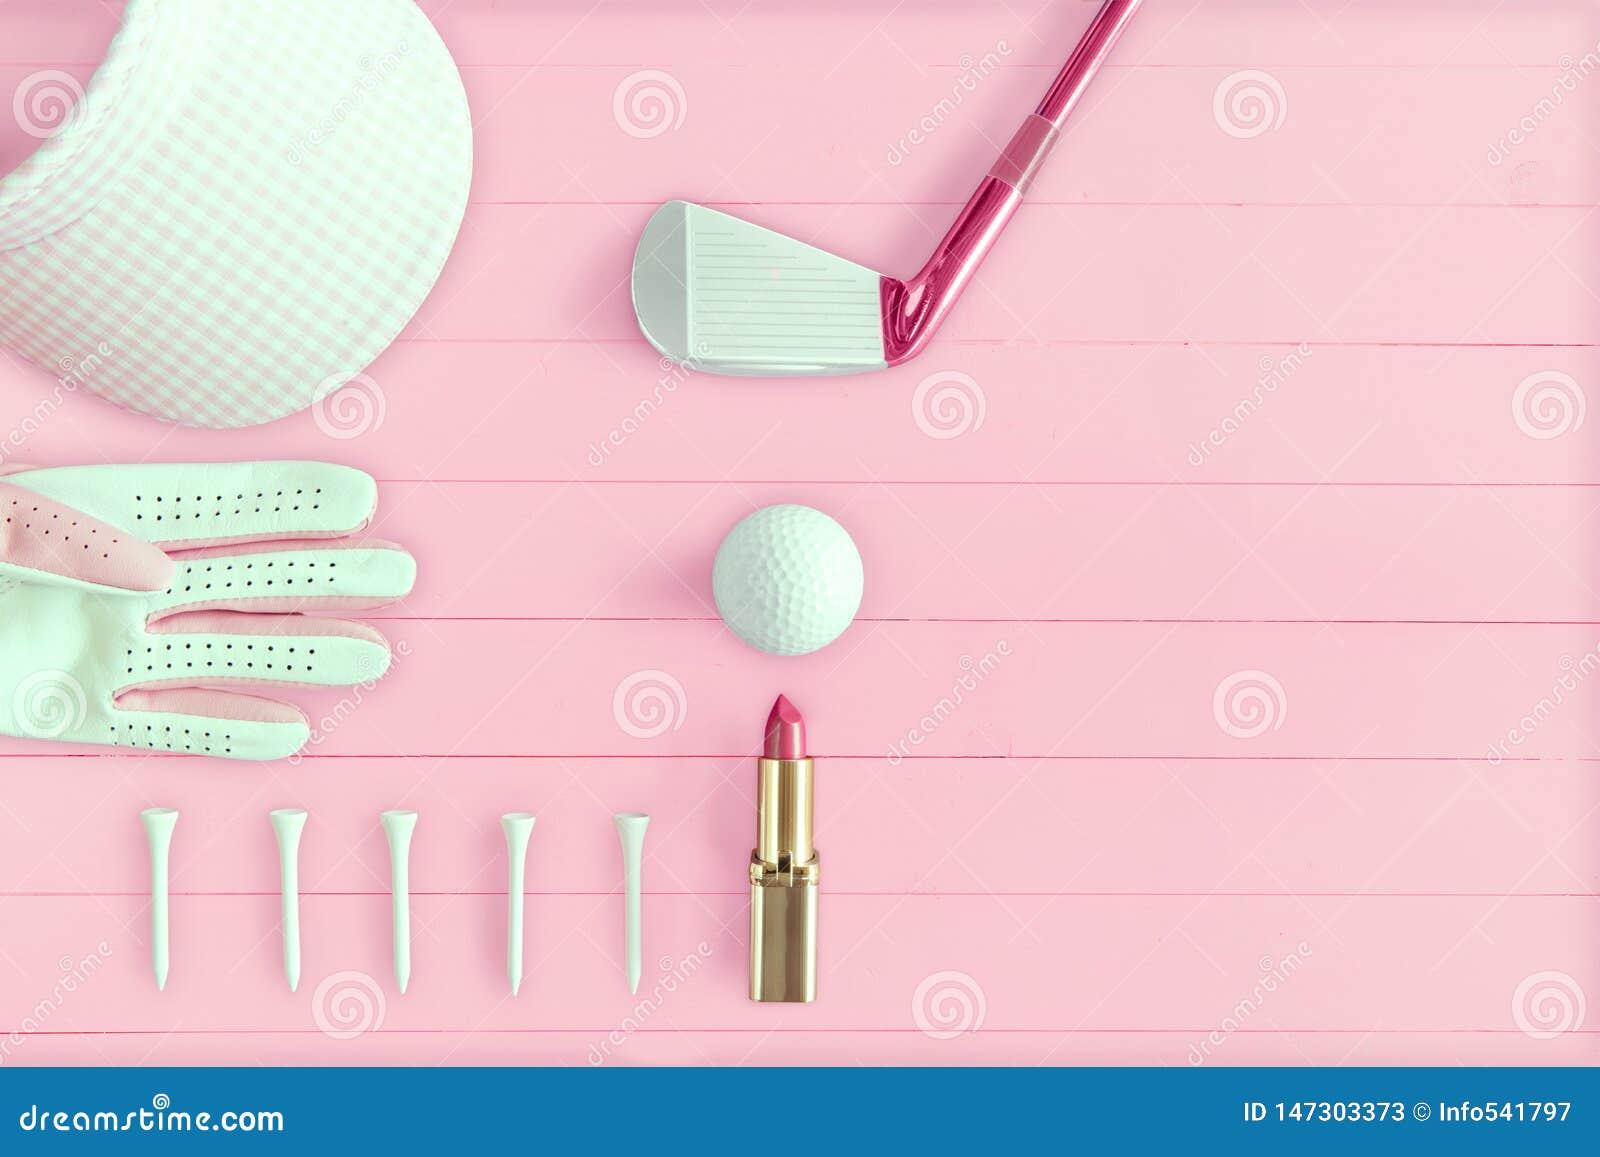 Γκολφ κλαμπ, σφαίρα γκολφ, γάντι γκολφ, γράμματα Τ και γείσο γκολφ ρόδινο σε ξύλινο